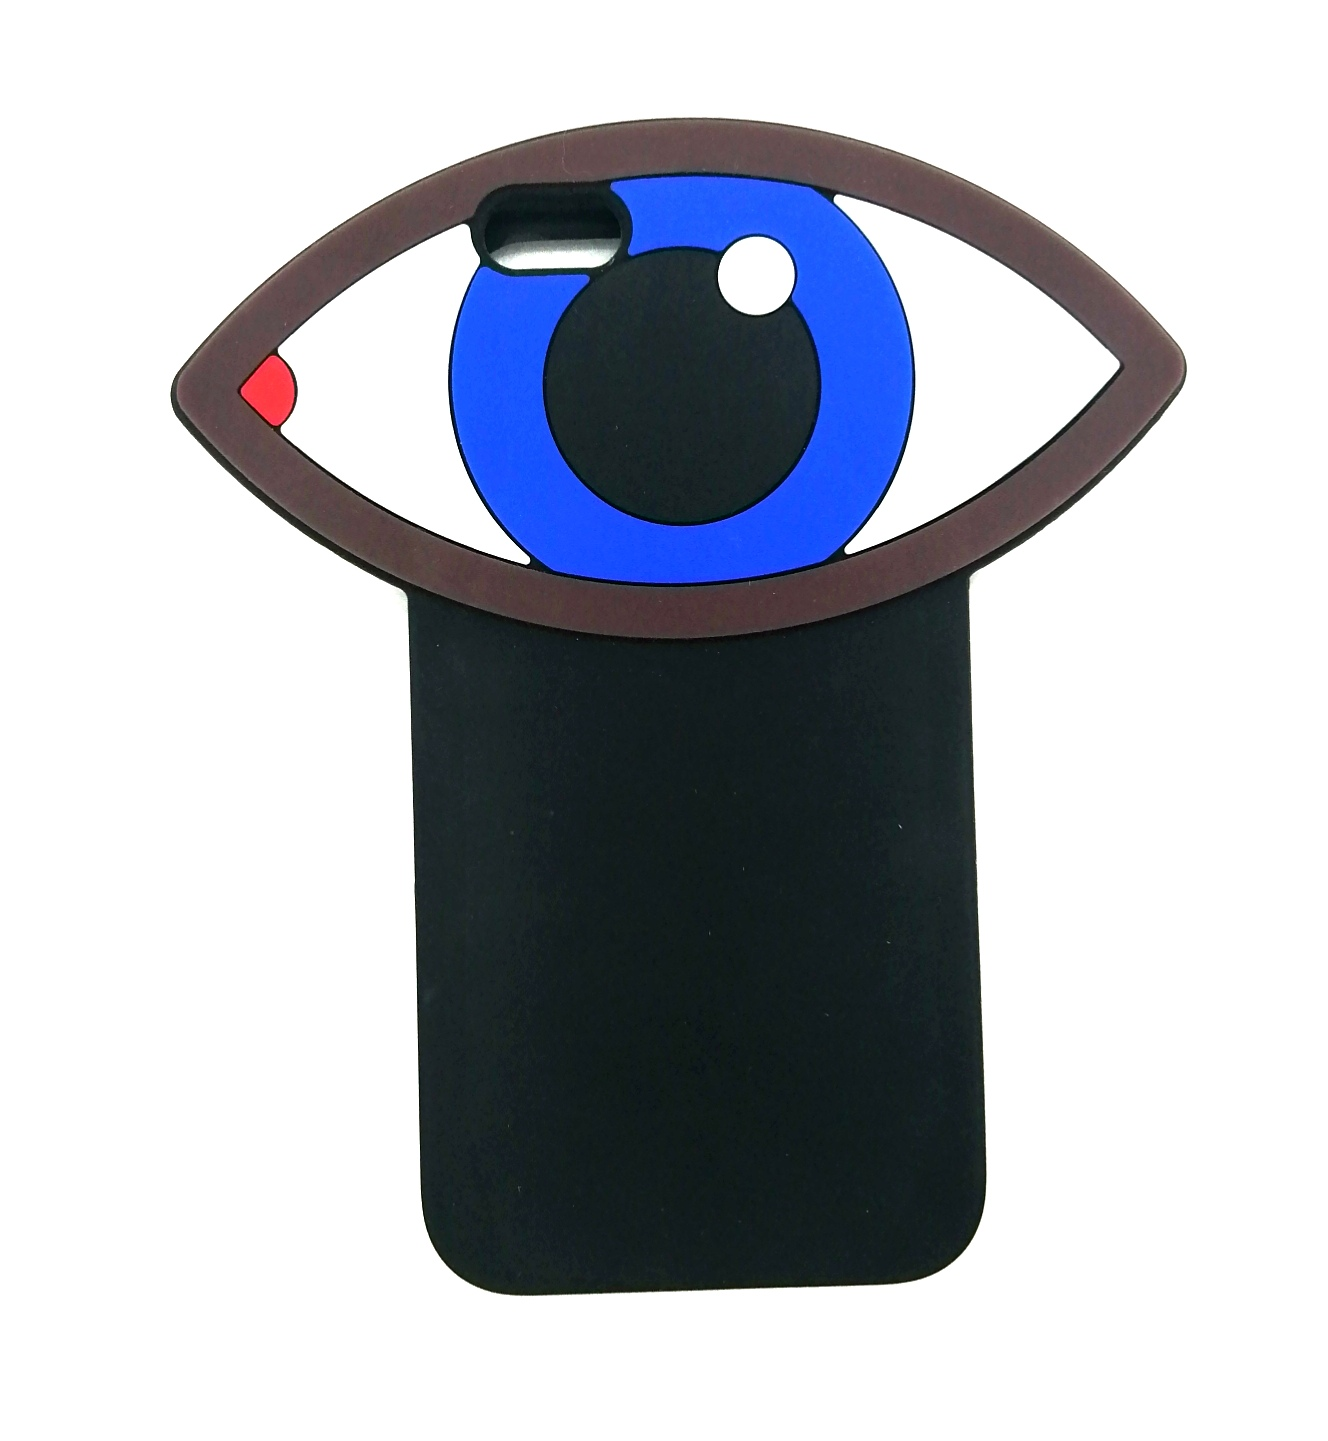 лучшая цена Чехол для сотового телефона ZUP Case Eyes для iPhone 5/5S/SE, черный